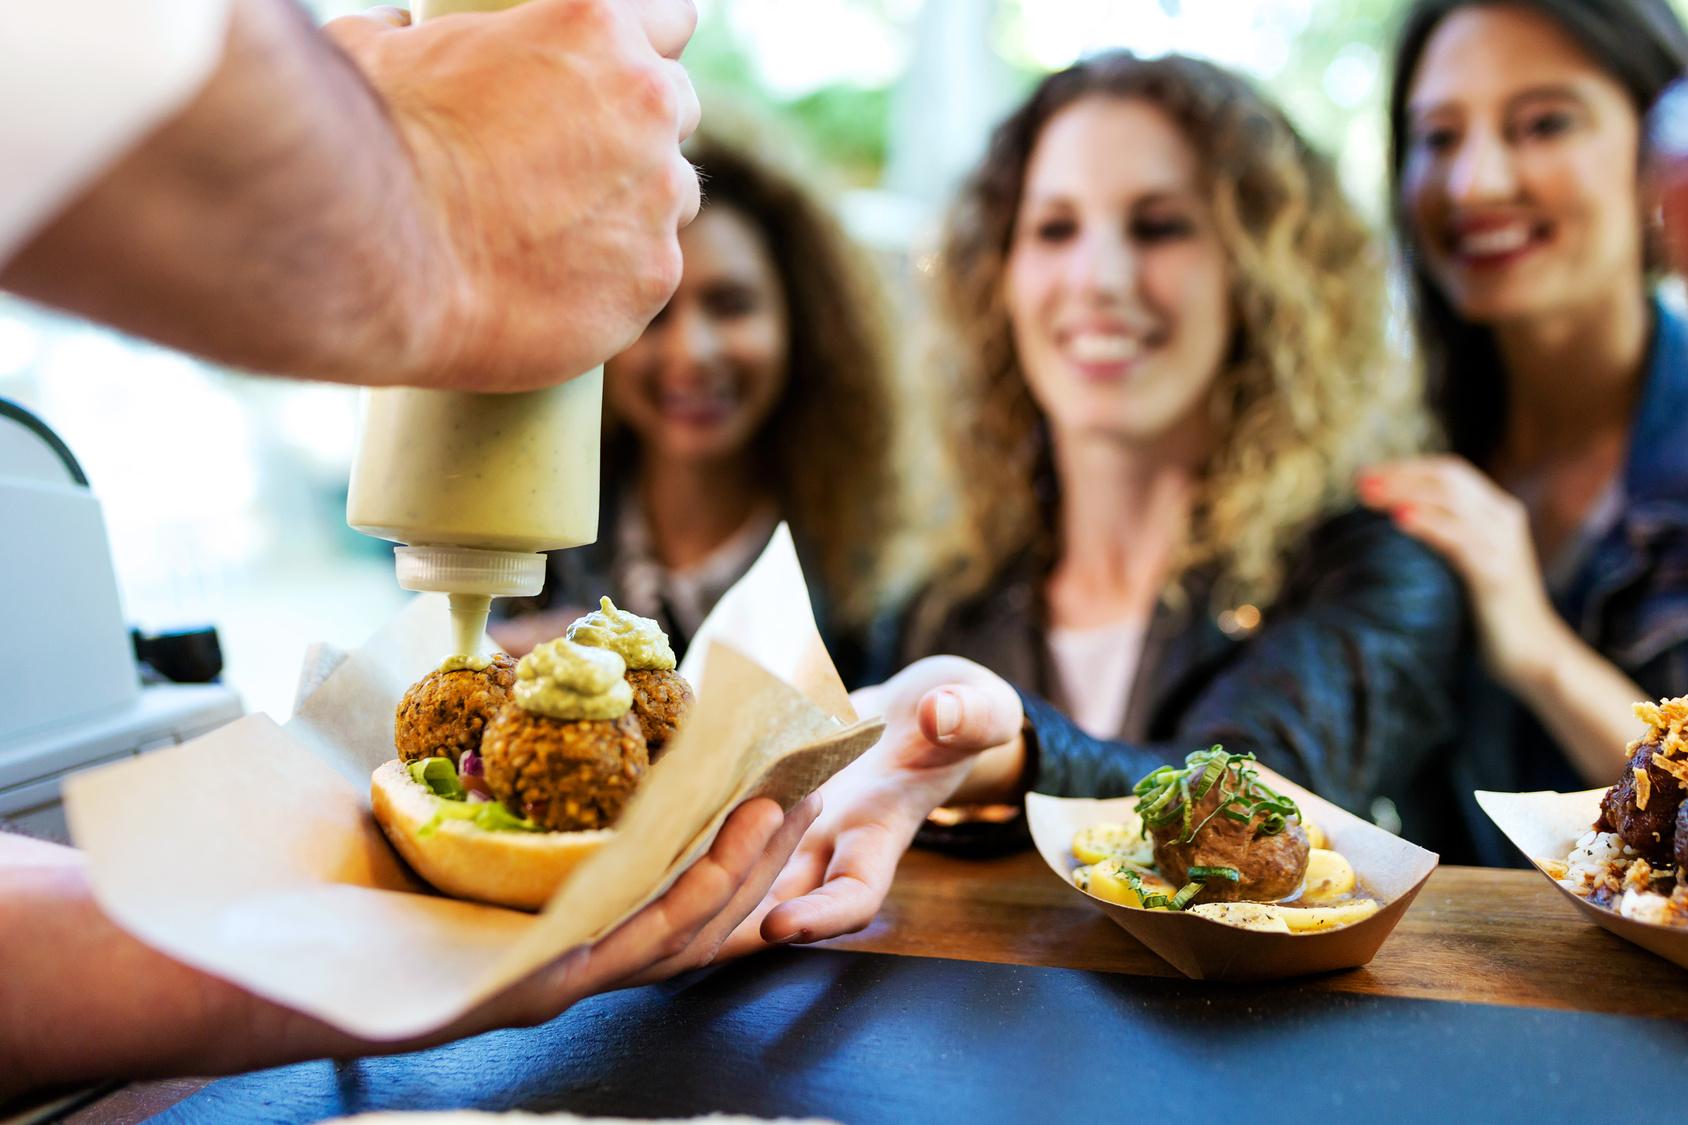 Gastronomie und Streetfoodsektor rüsten sich für das Sommergeschäft